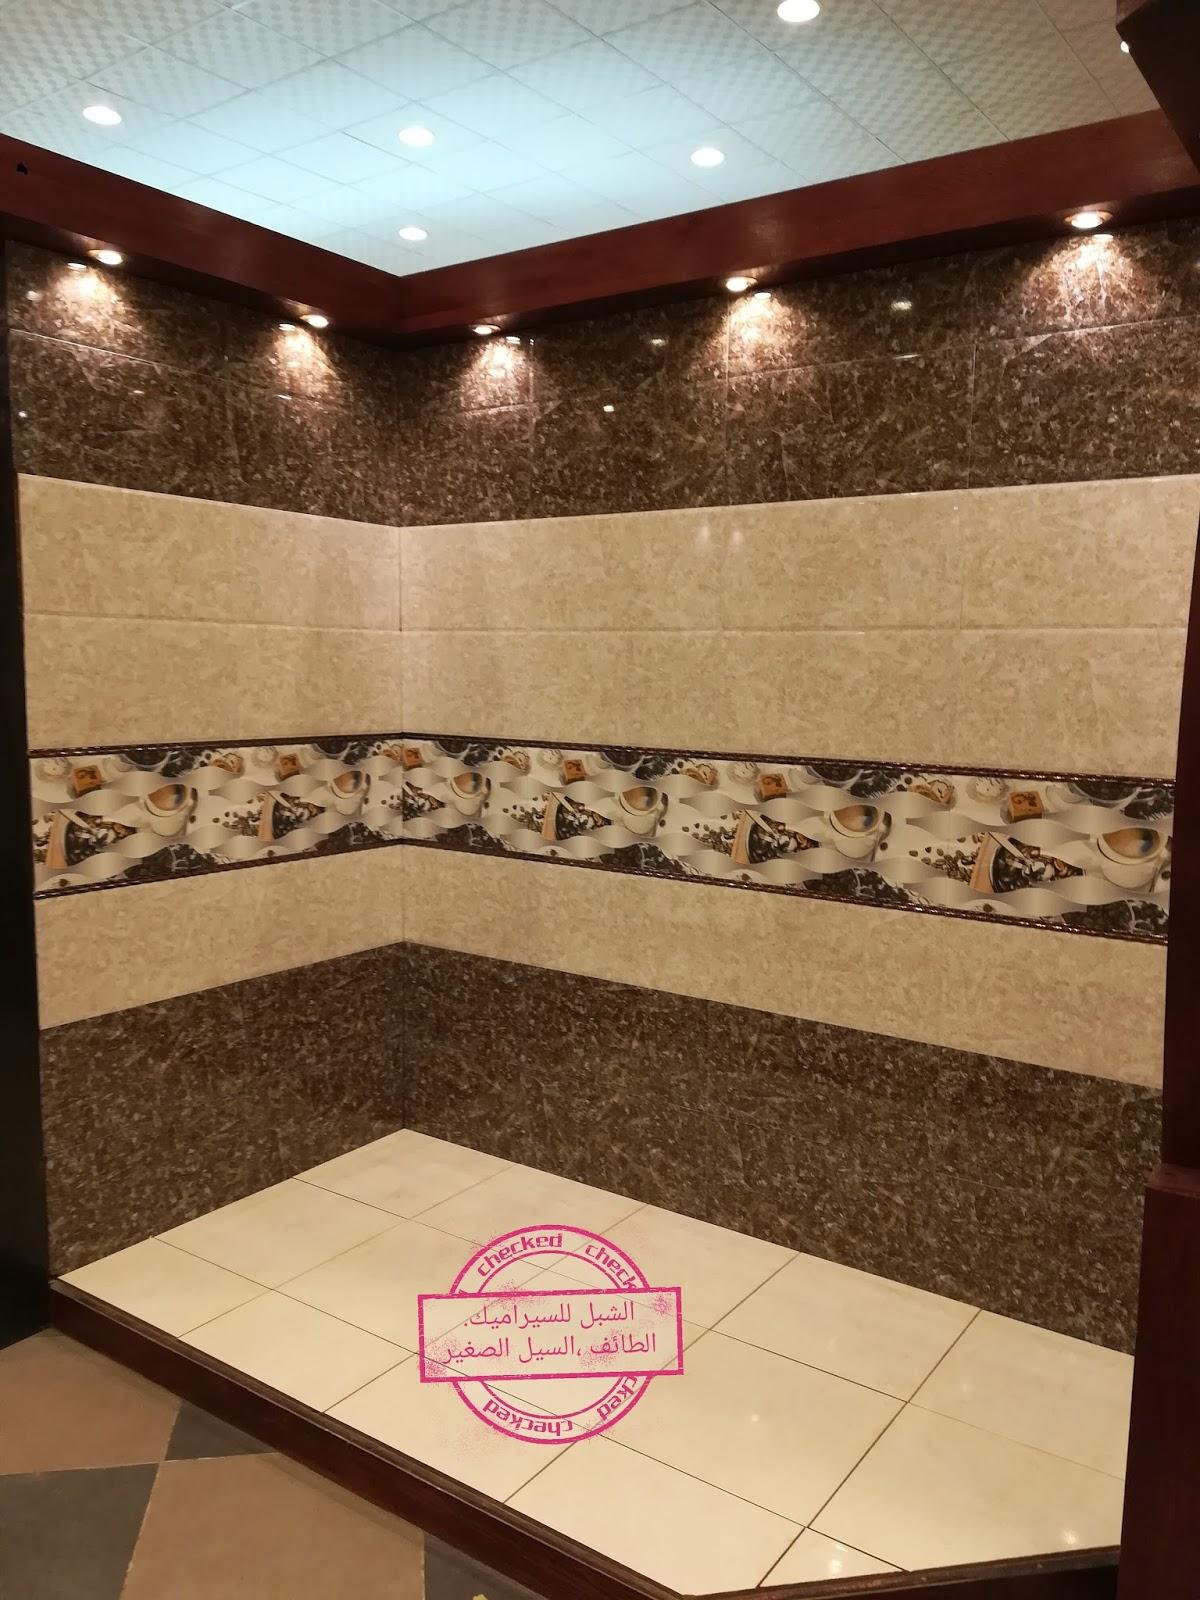 بالصور سيراميك جدران , اجمل التشيكلات للسيراميك الحائط 993 6